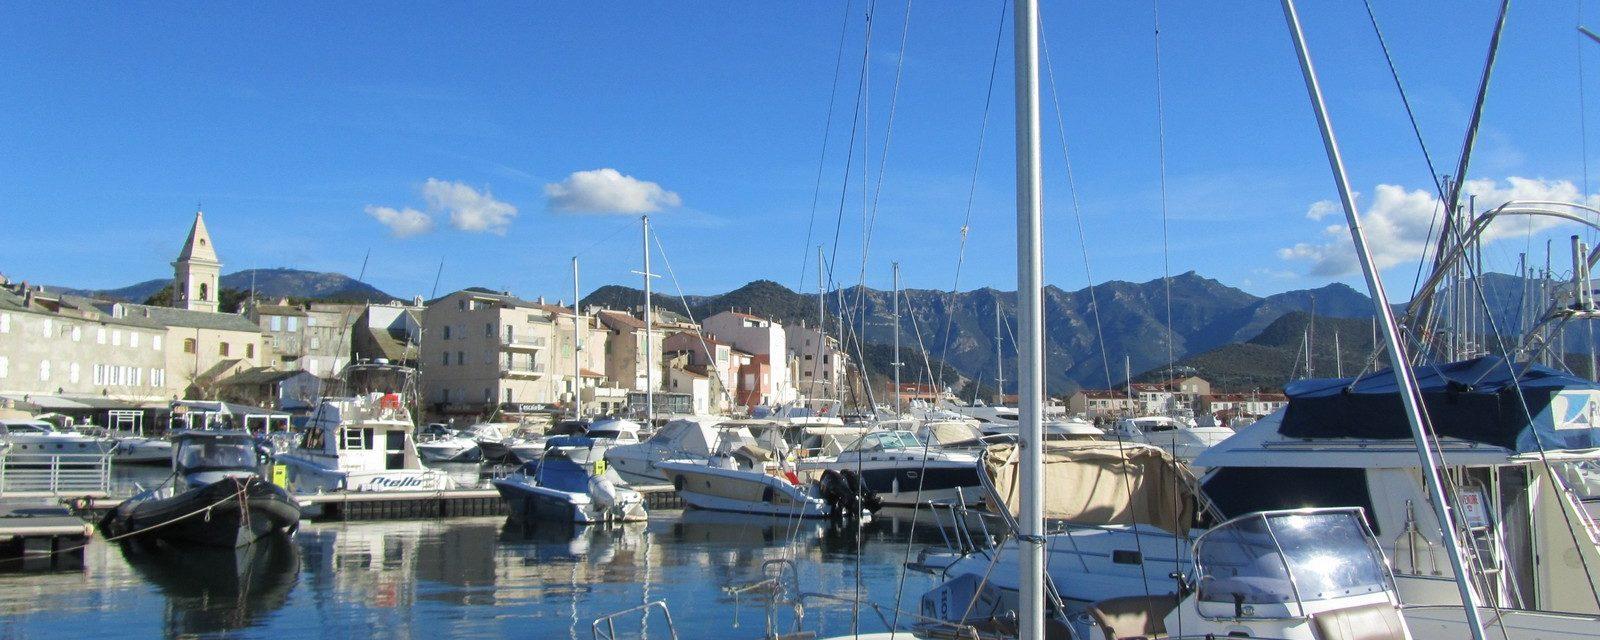 Premier comité de pilotage pour le projet QUAMPO en Méditerranée 1